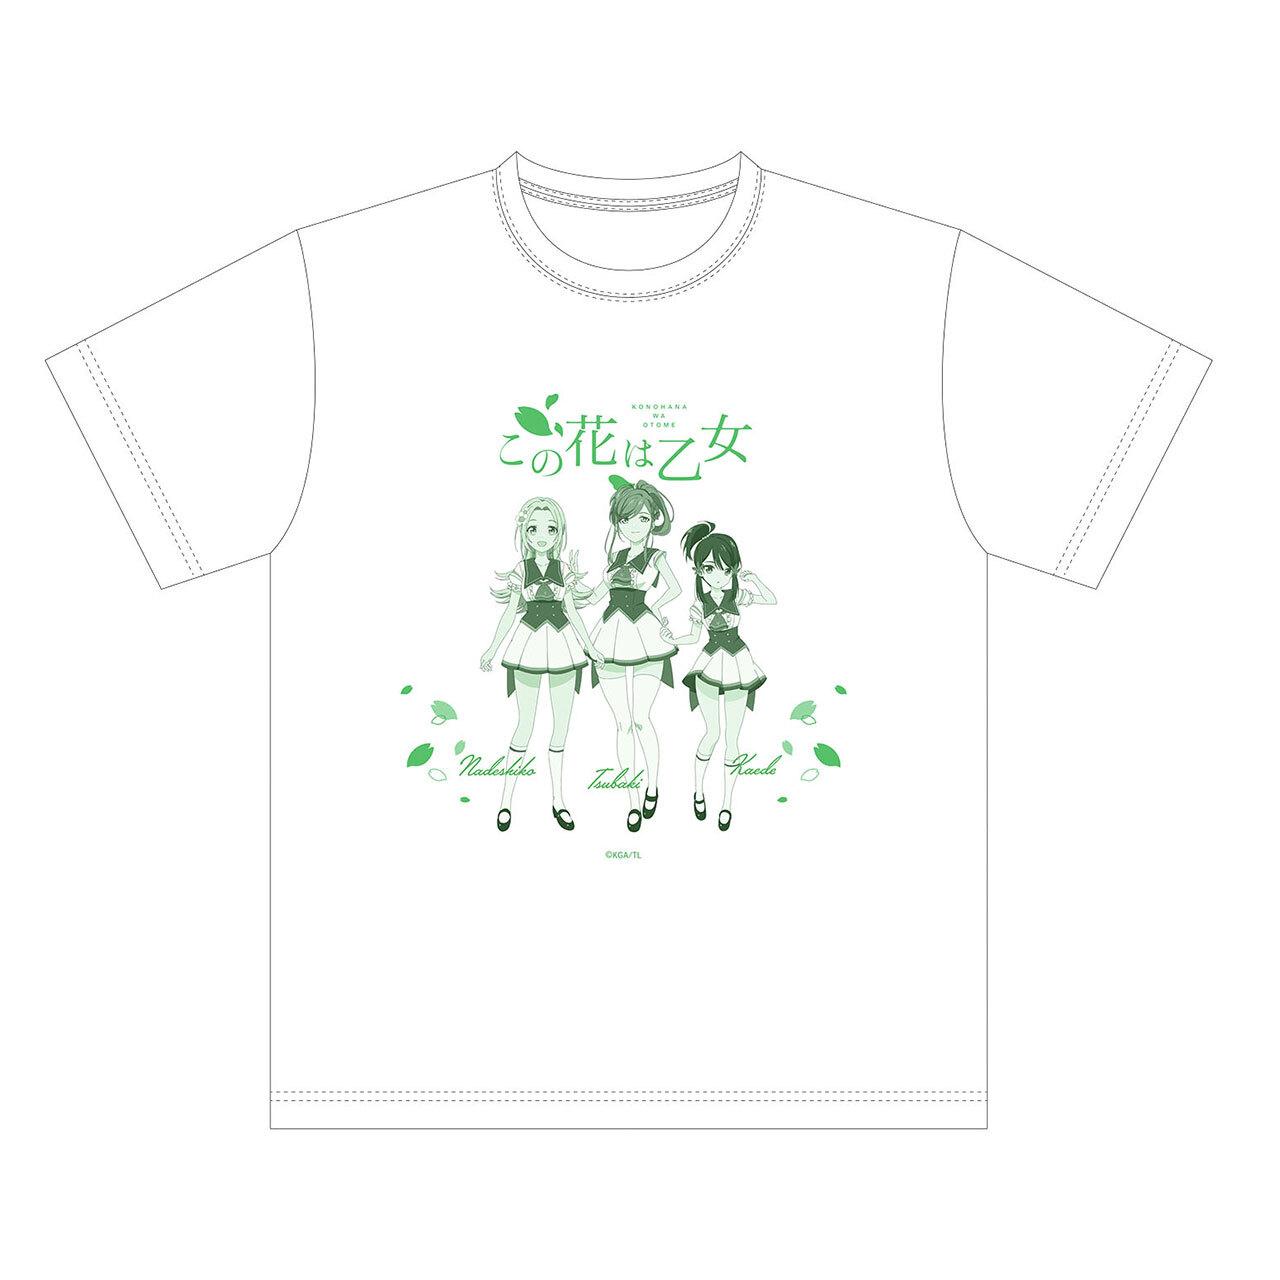 【4589839354509予】ラピスリライツ この花は乙女 Tシャツ 白/Lサイズ